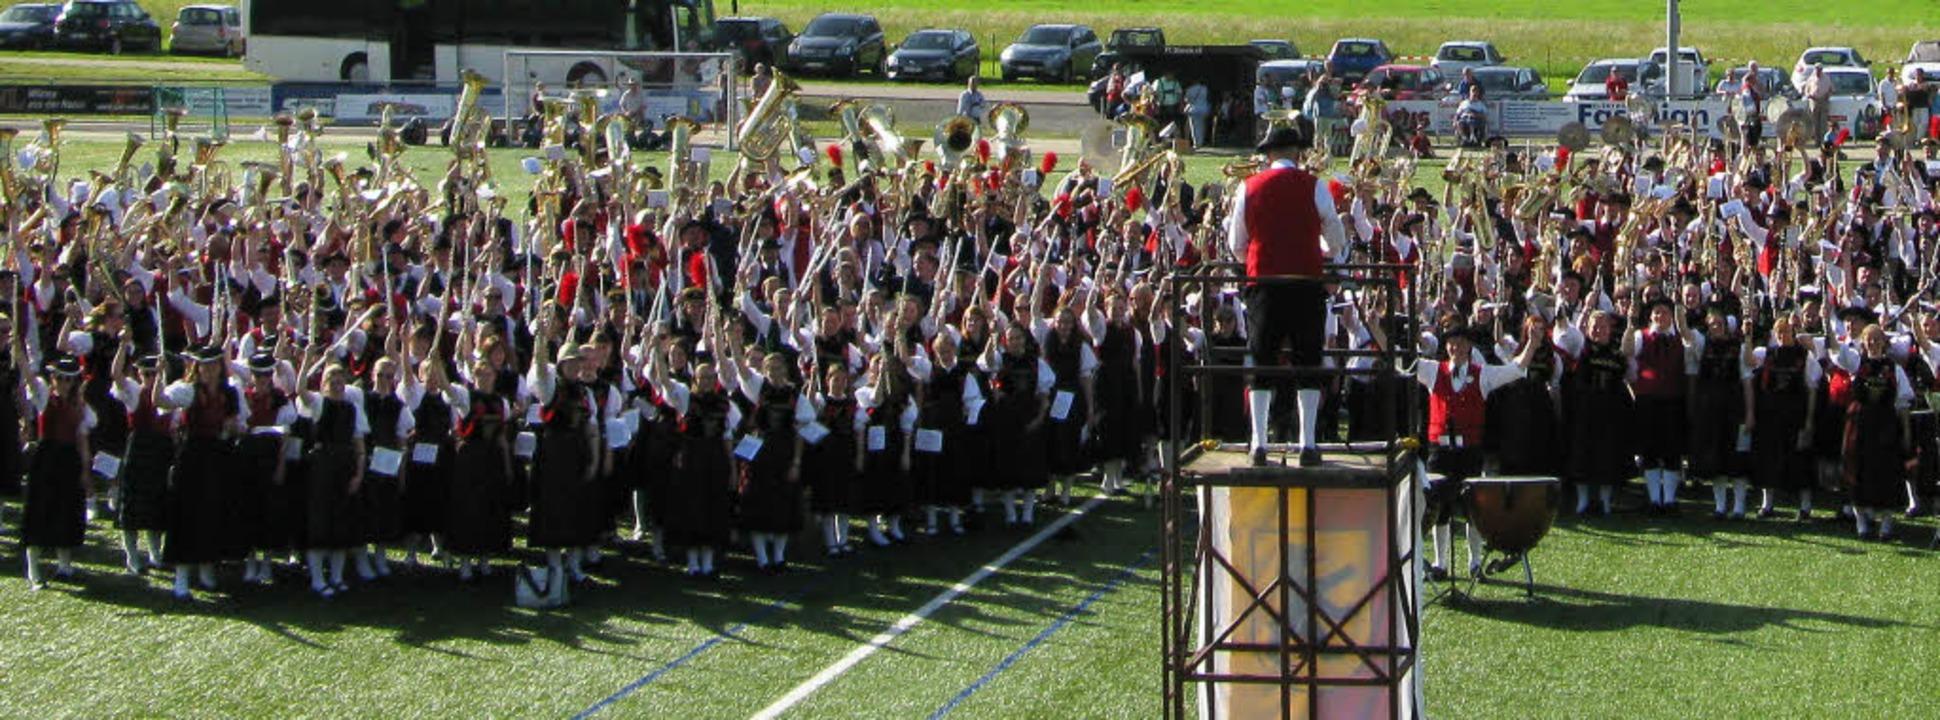 Rund 500 Musiker bildeten einen mächtigen gesamtchor.   | Foto: Ulrike Spiegelhalter